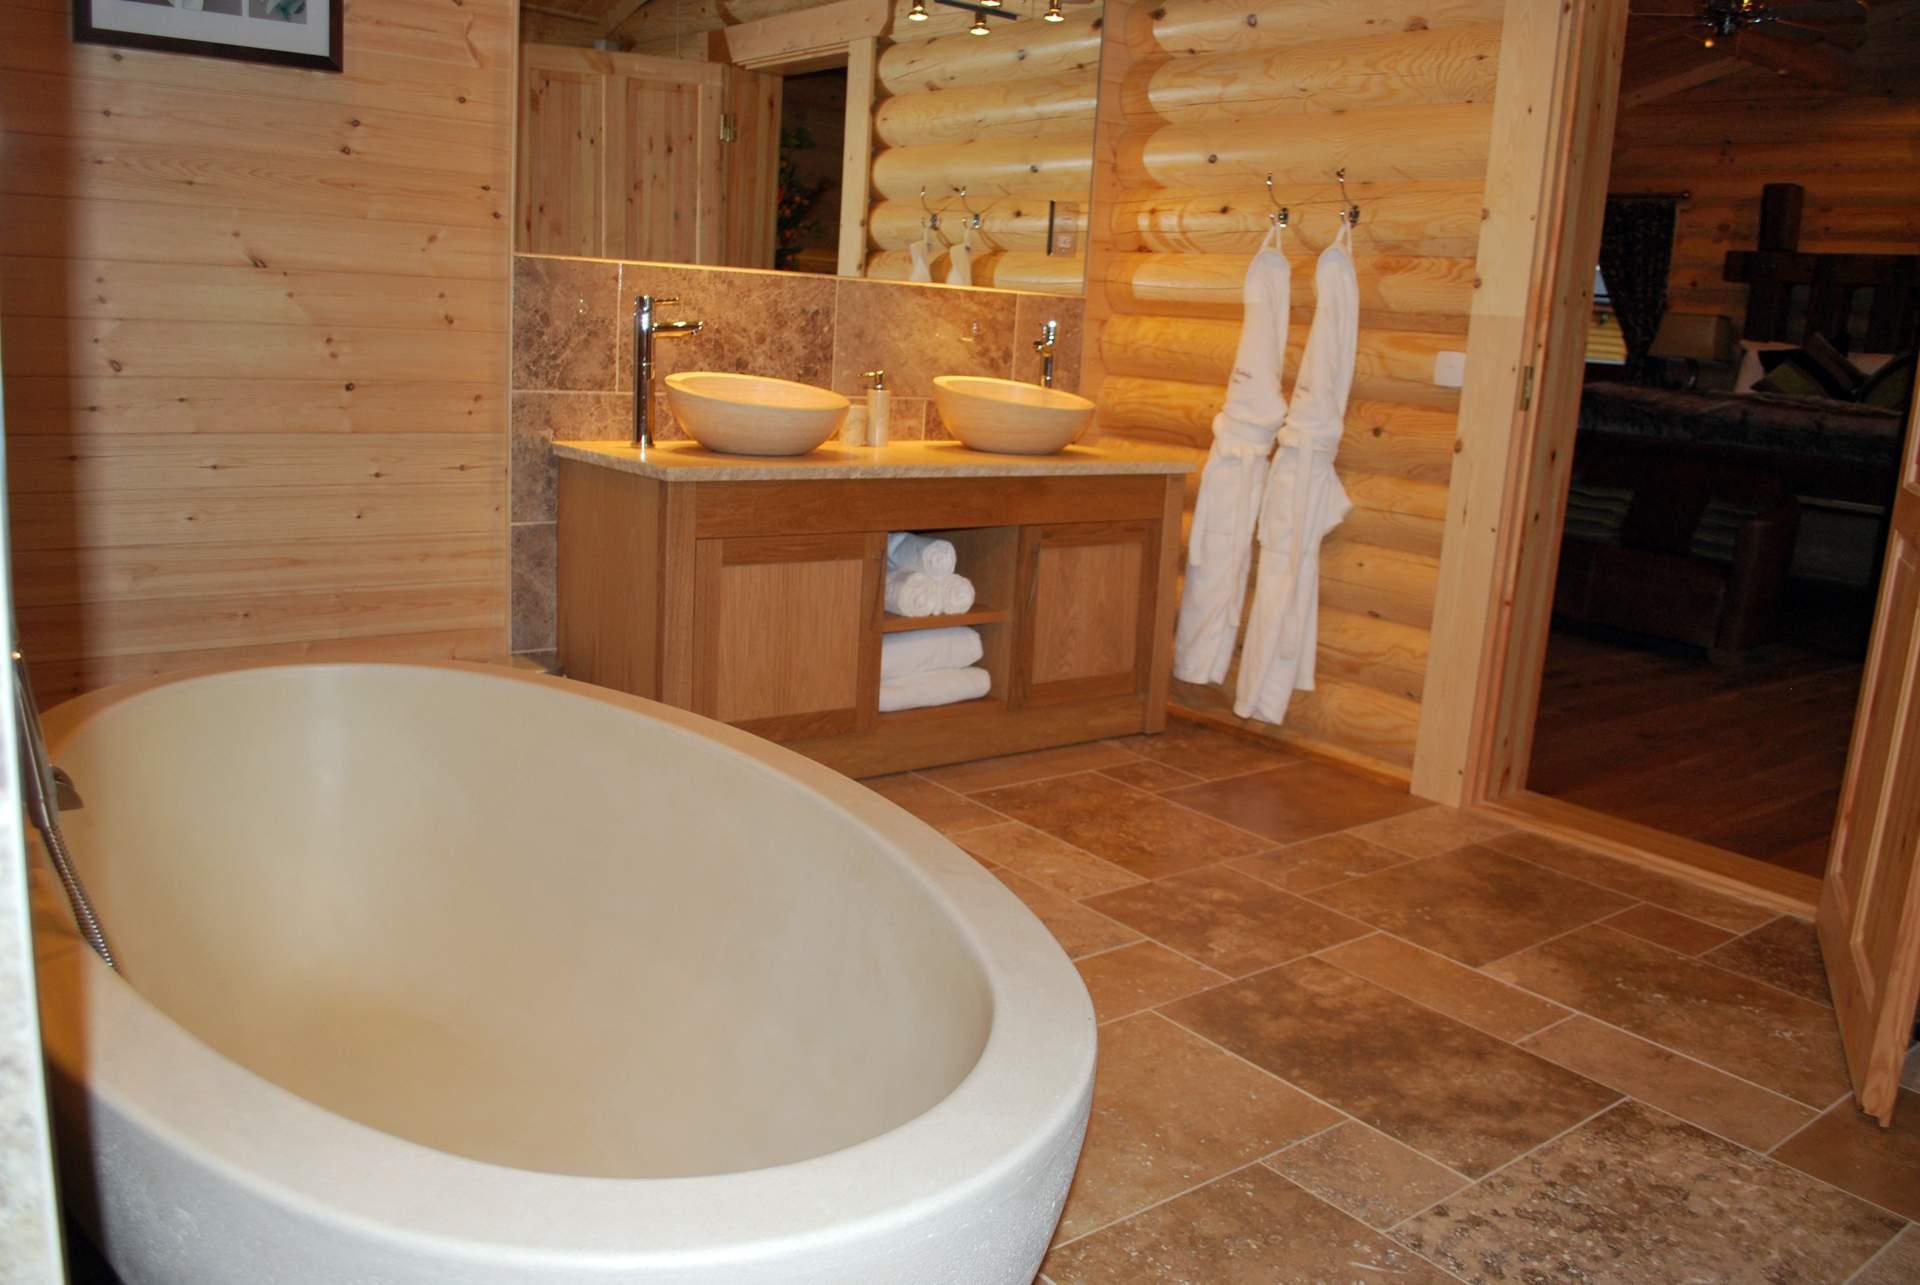 cherry lodge eyekettleby lakes bathroom